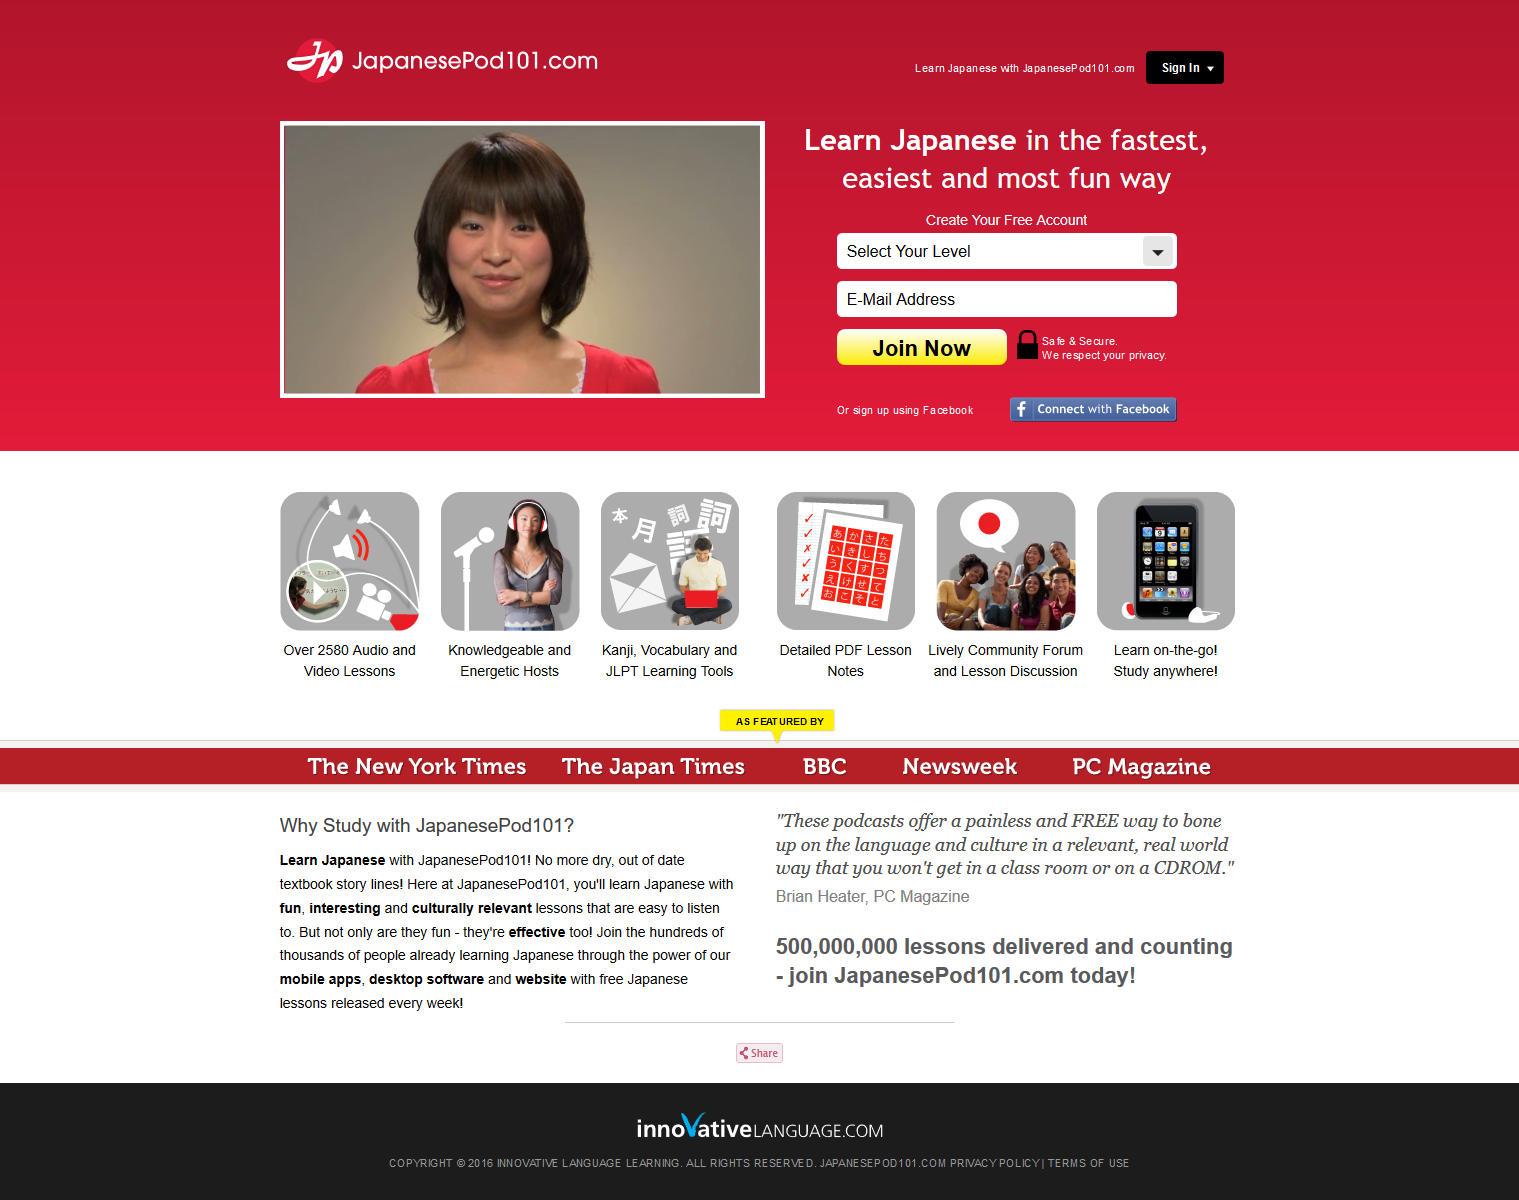 Strona japanesepod101.com ucząca języka angielskiego